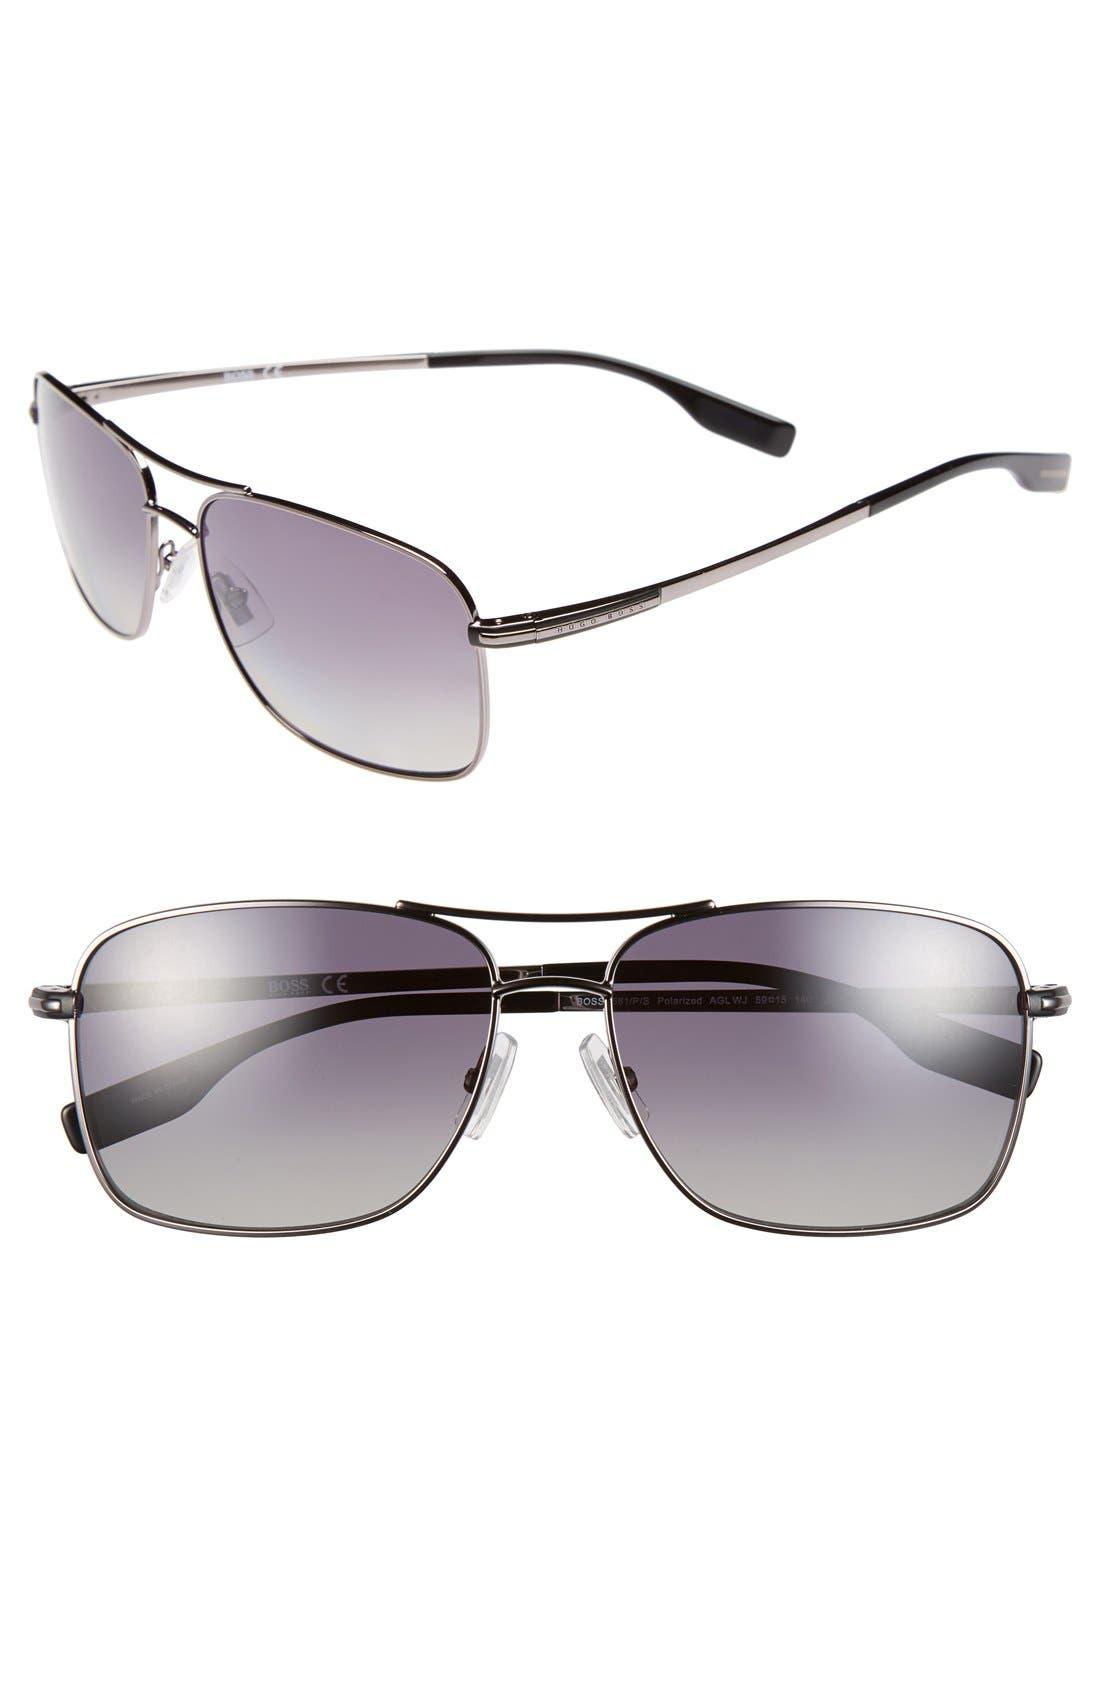 59mm Polarized Navigator Sunglasses,                             Main thumbnail 1, color,                             045